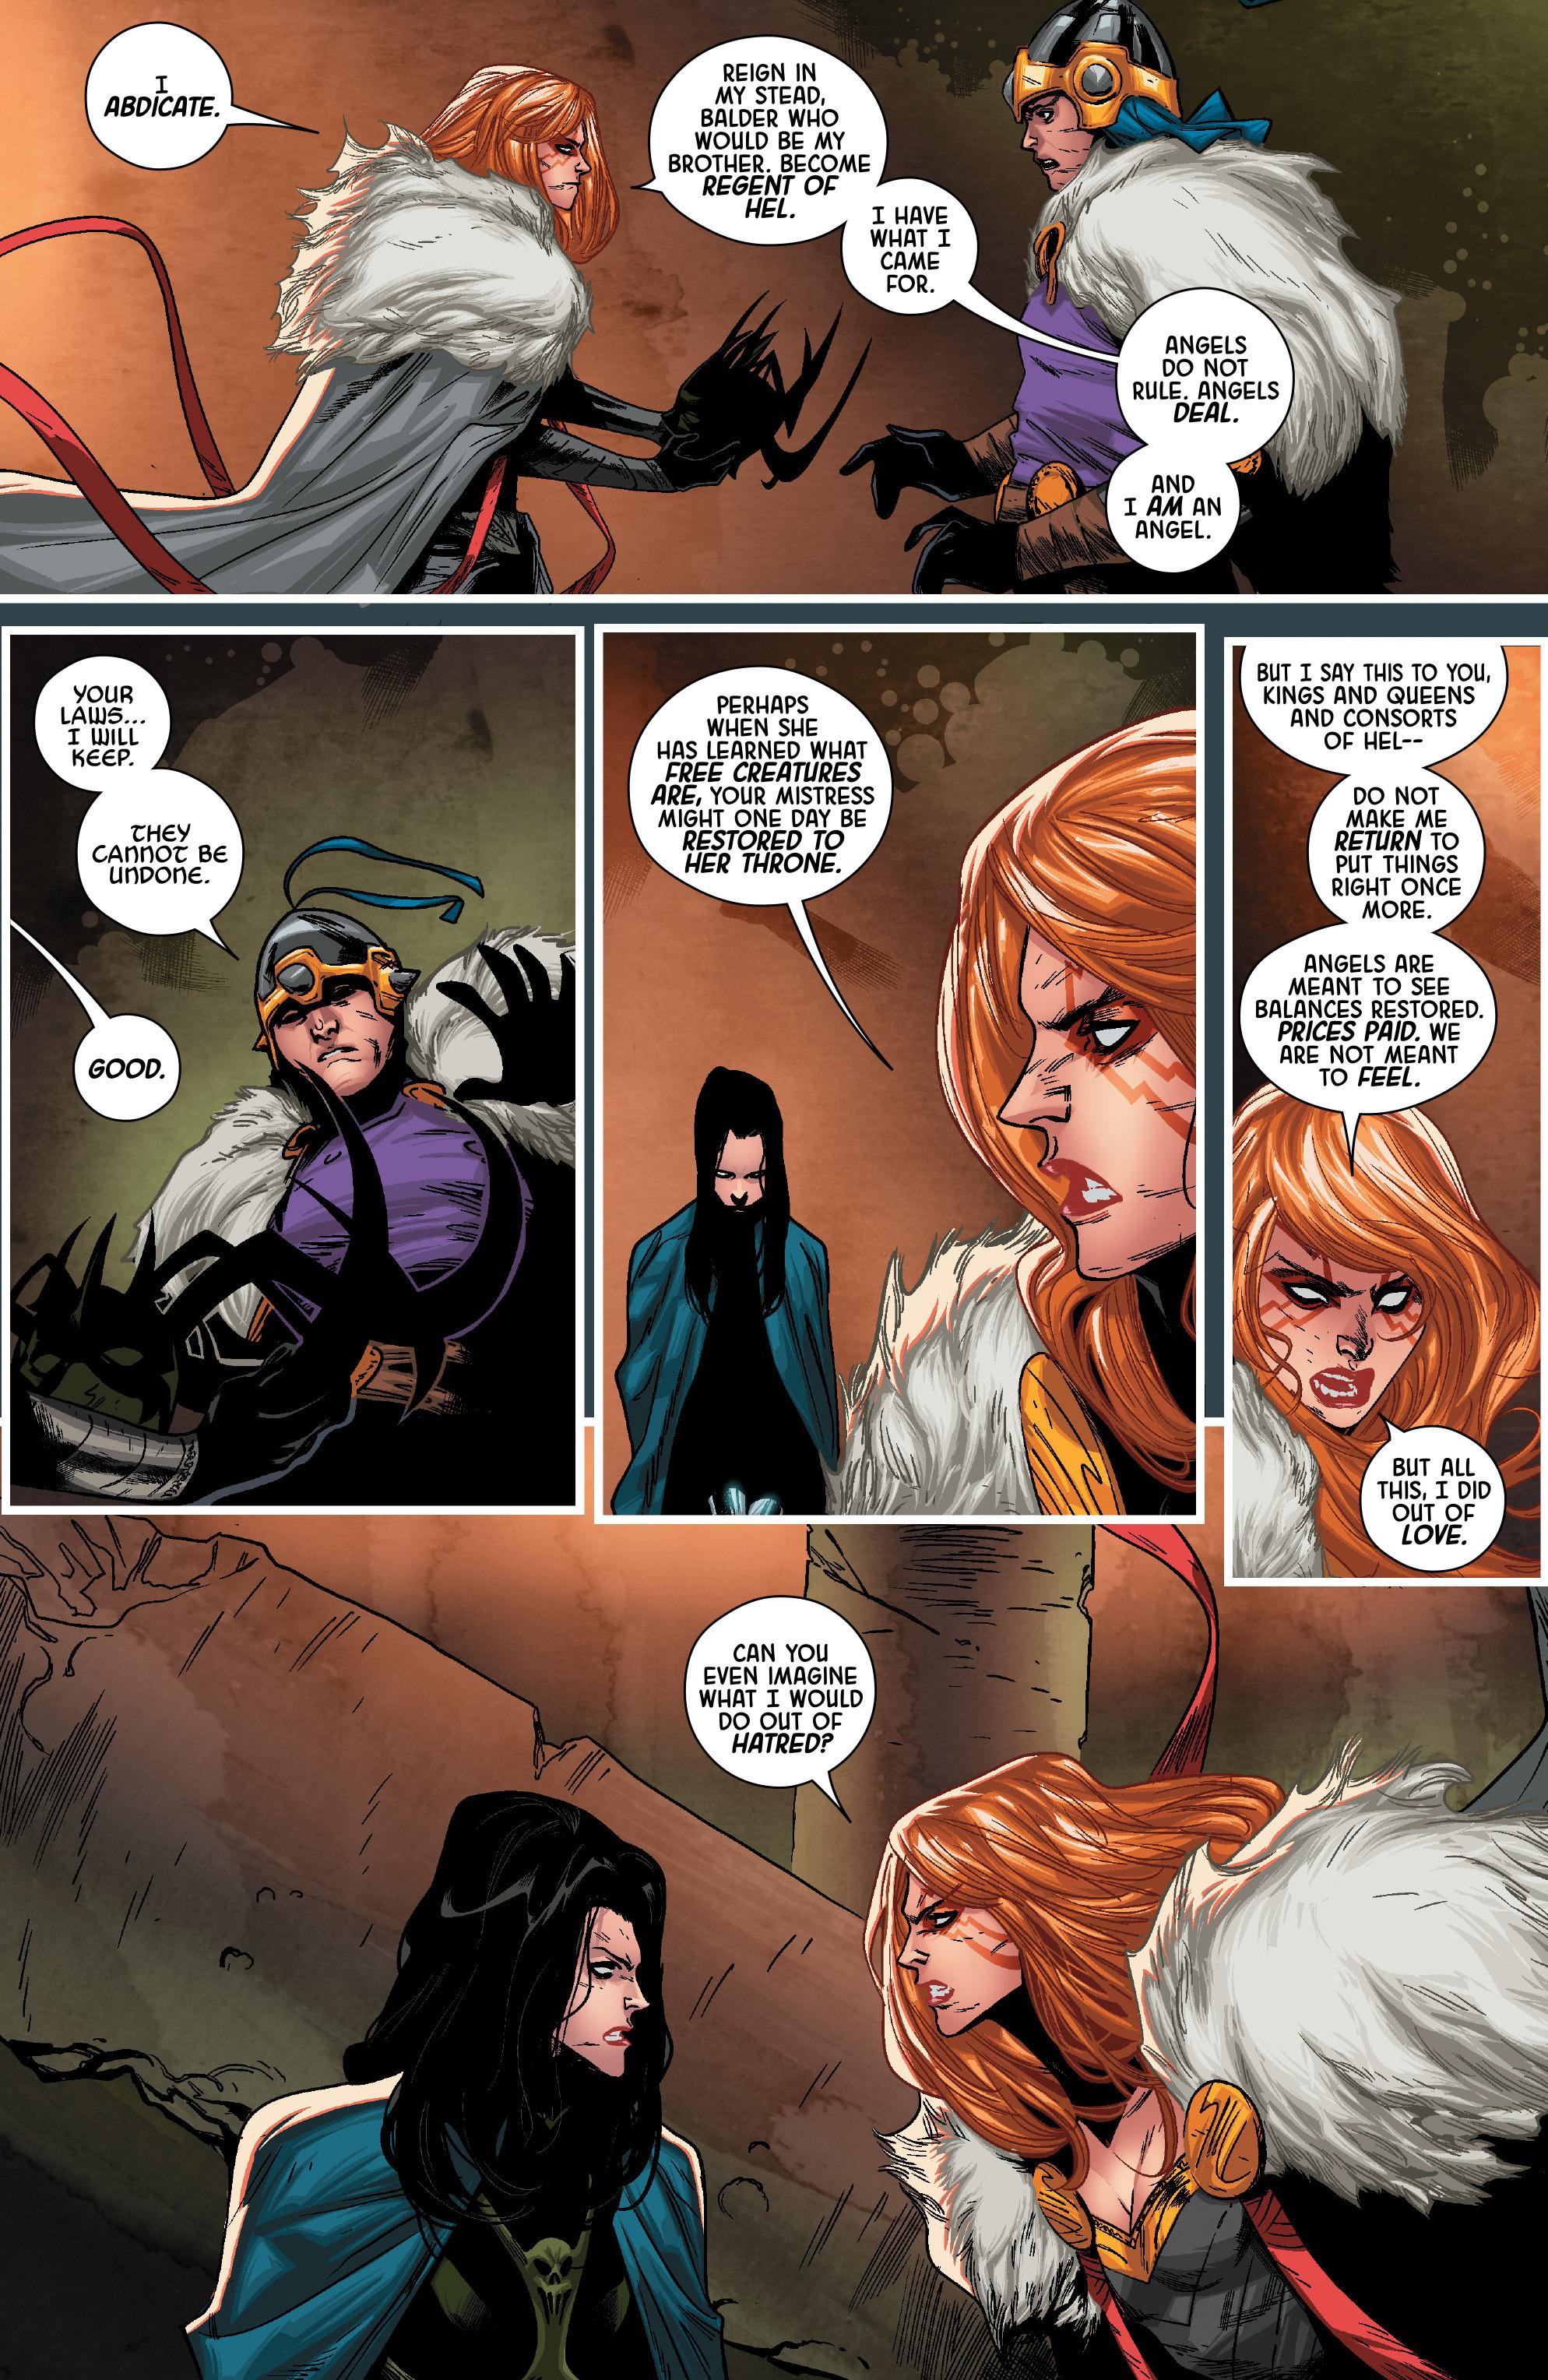 Read online Angela: Queen Of Hel comic -  Issue #5 - 16